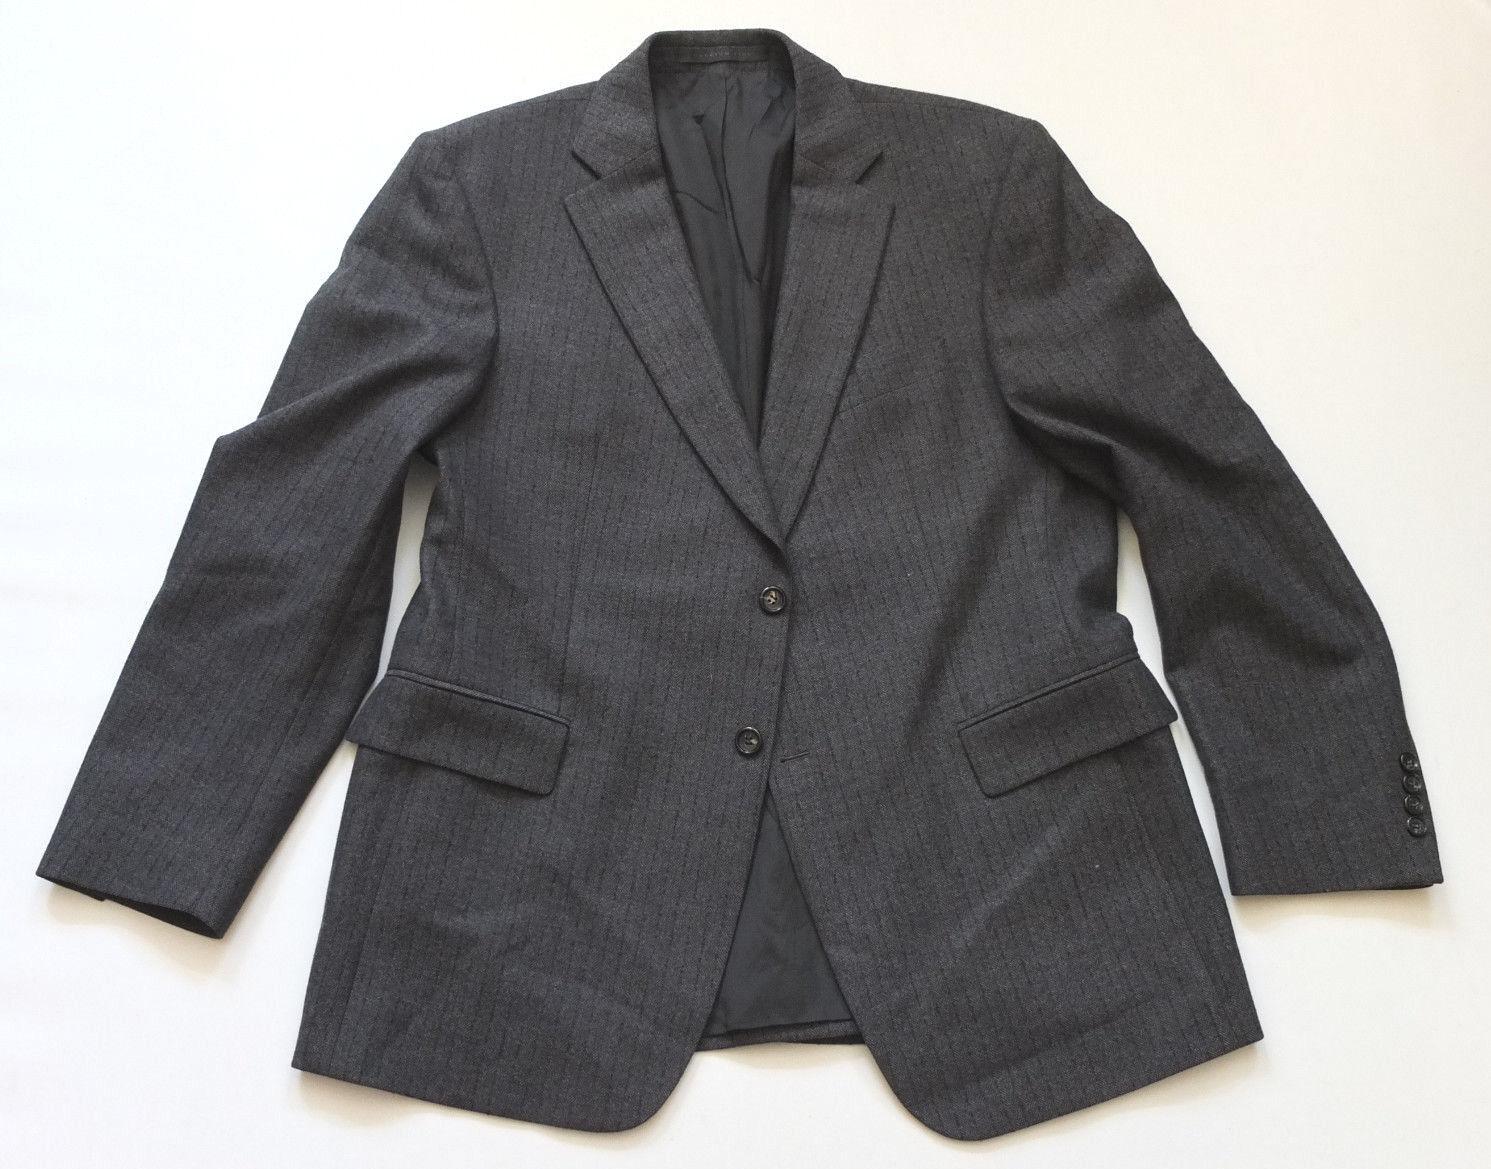 Srellson Wolle Sakko Gr 26 kaum getragen